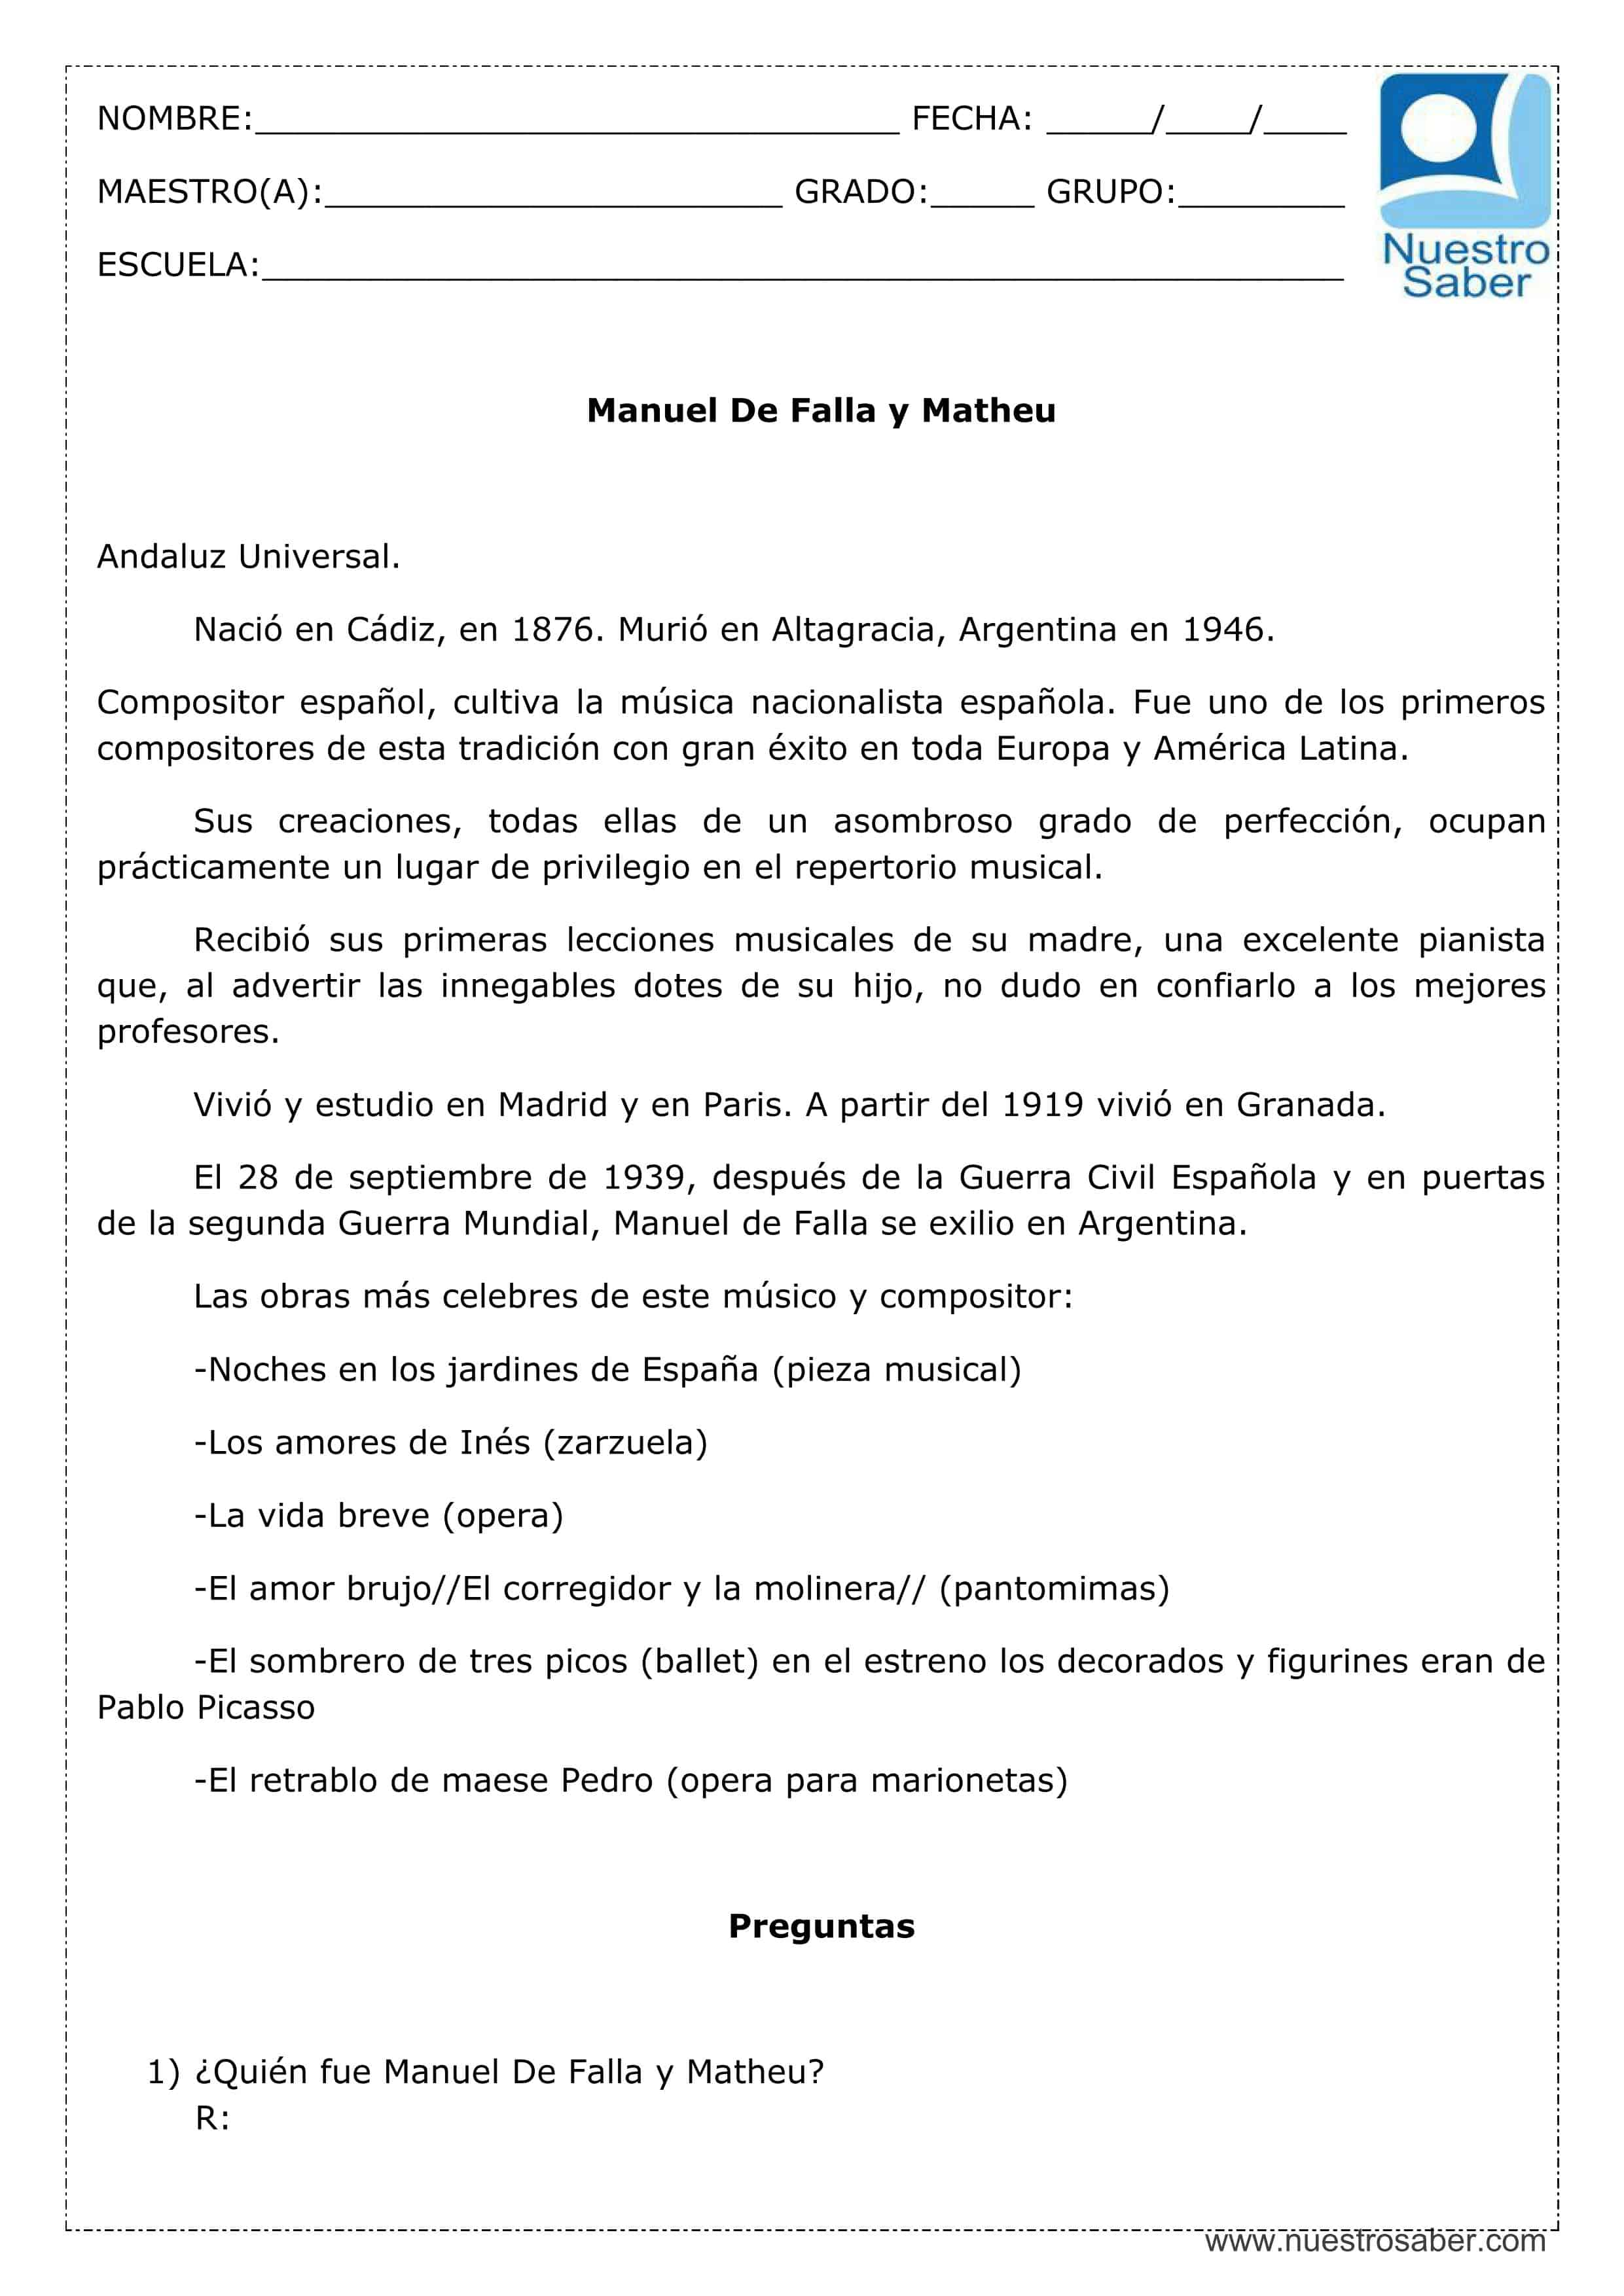 Comprensión lectora: Manuel de Falla y Matheu - Cuarto grado ...